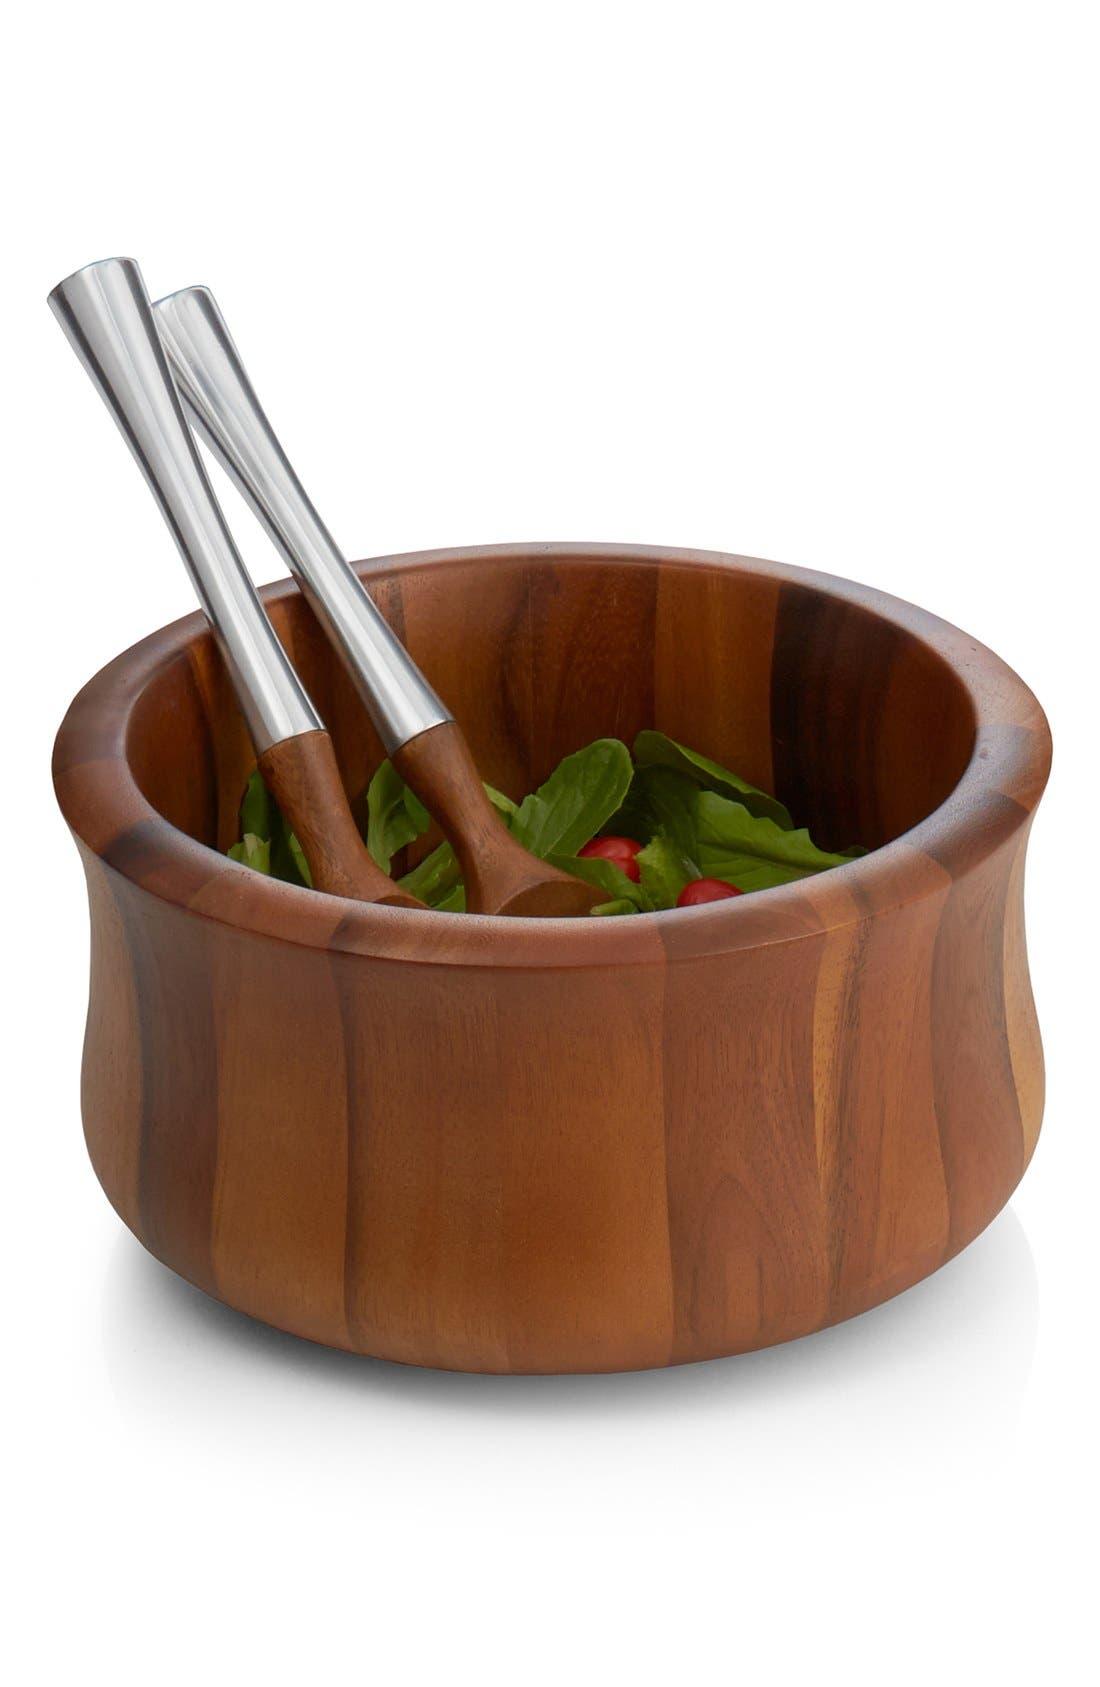 Nambé 'Nara' Wood Salad Bowl & Servers